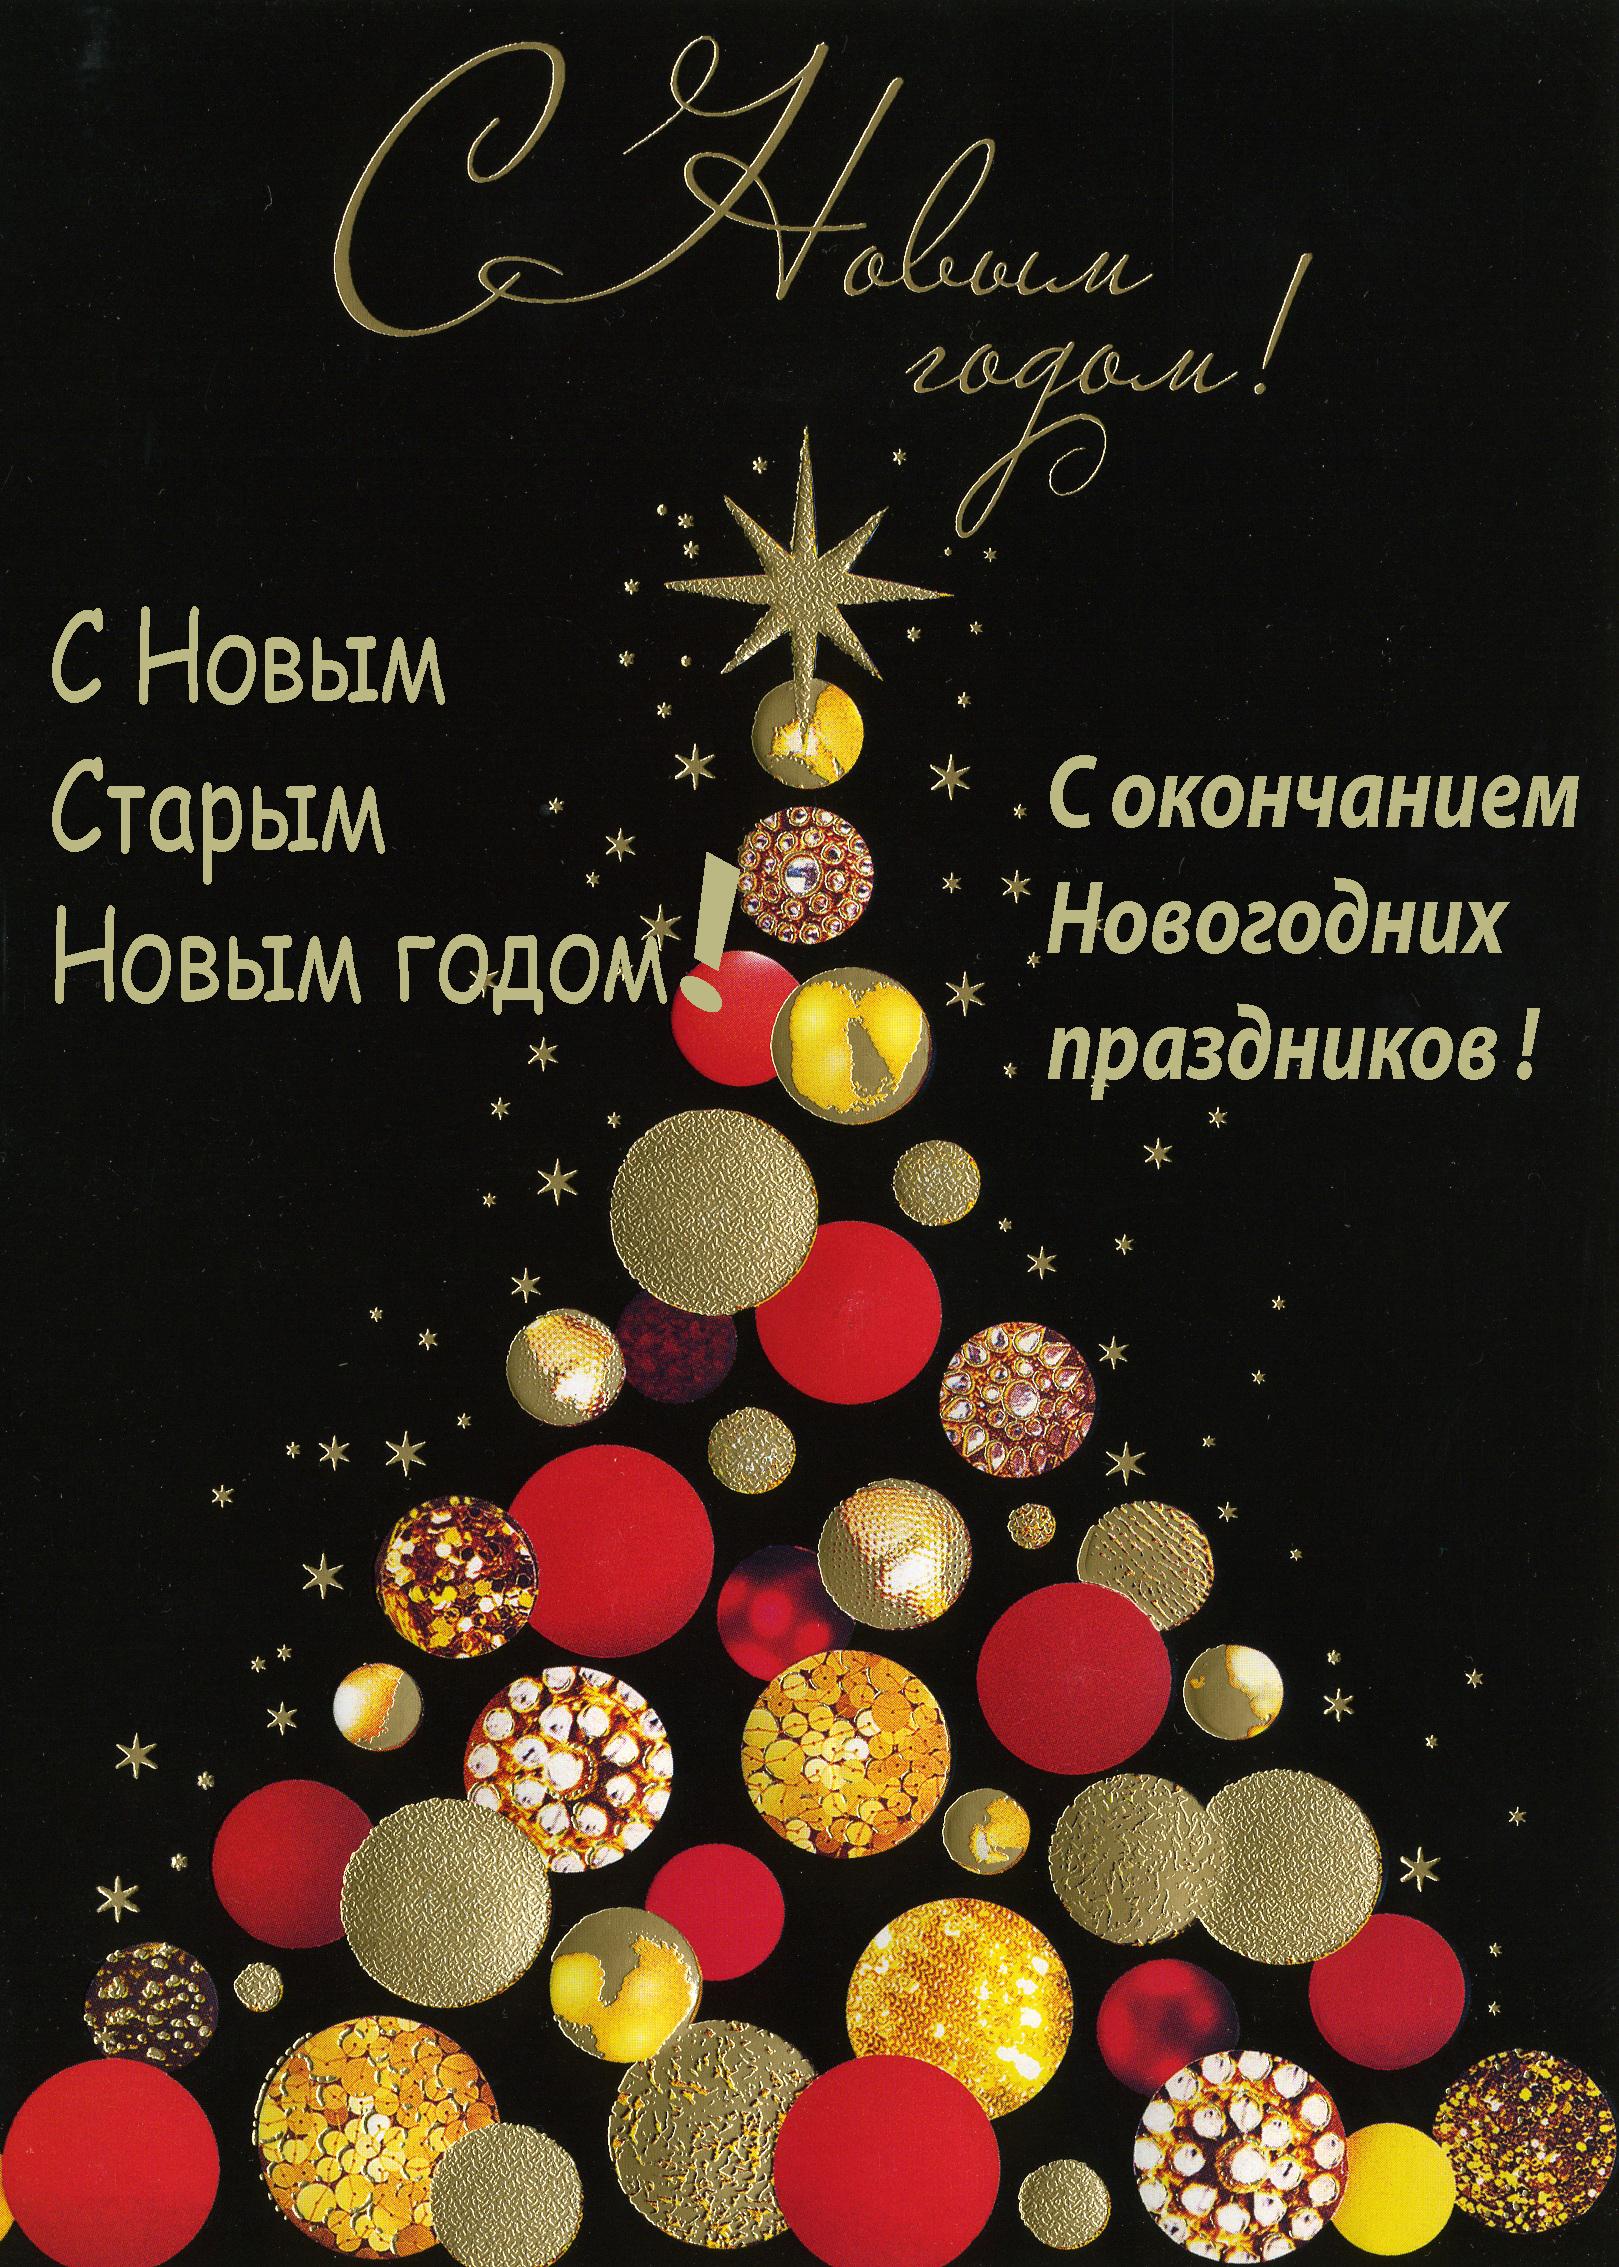 Поздравления с прошедшим Новым